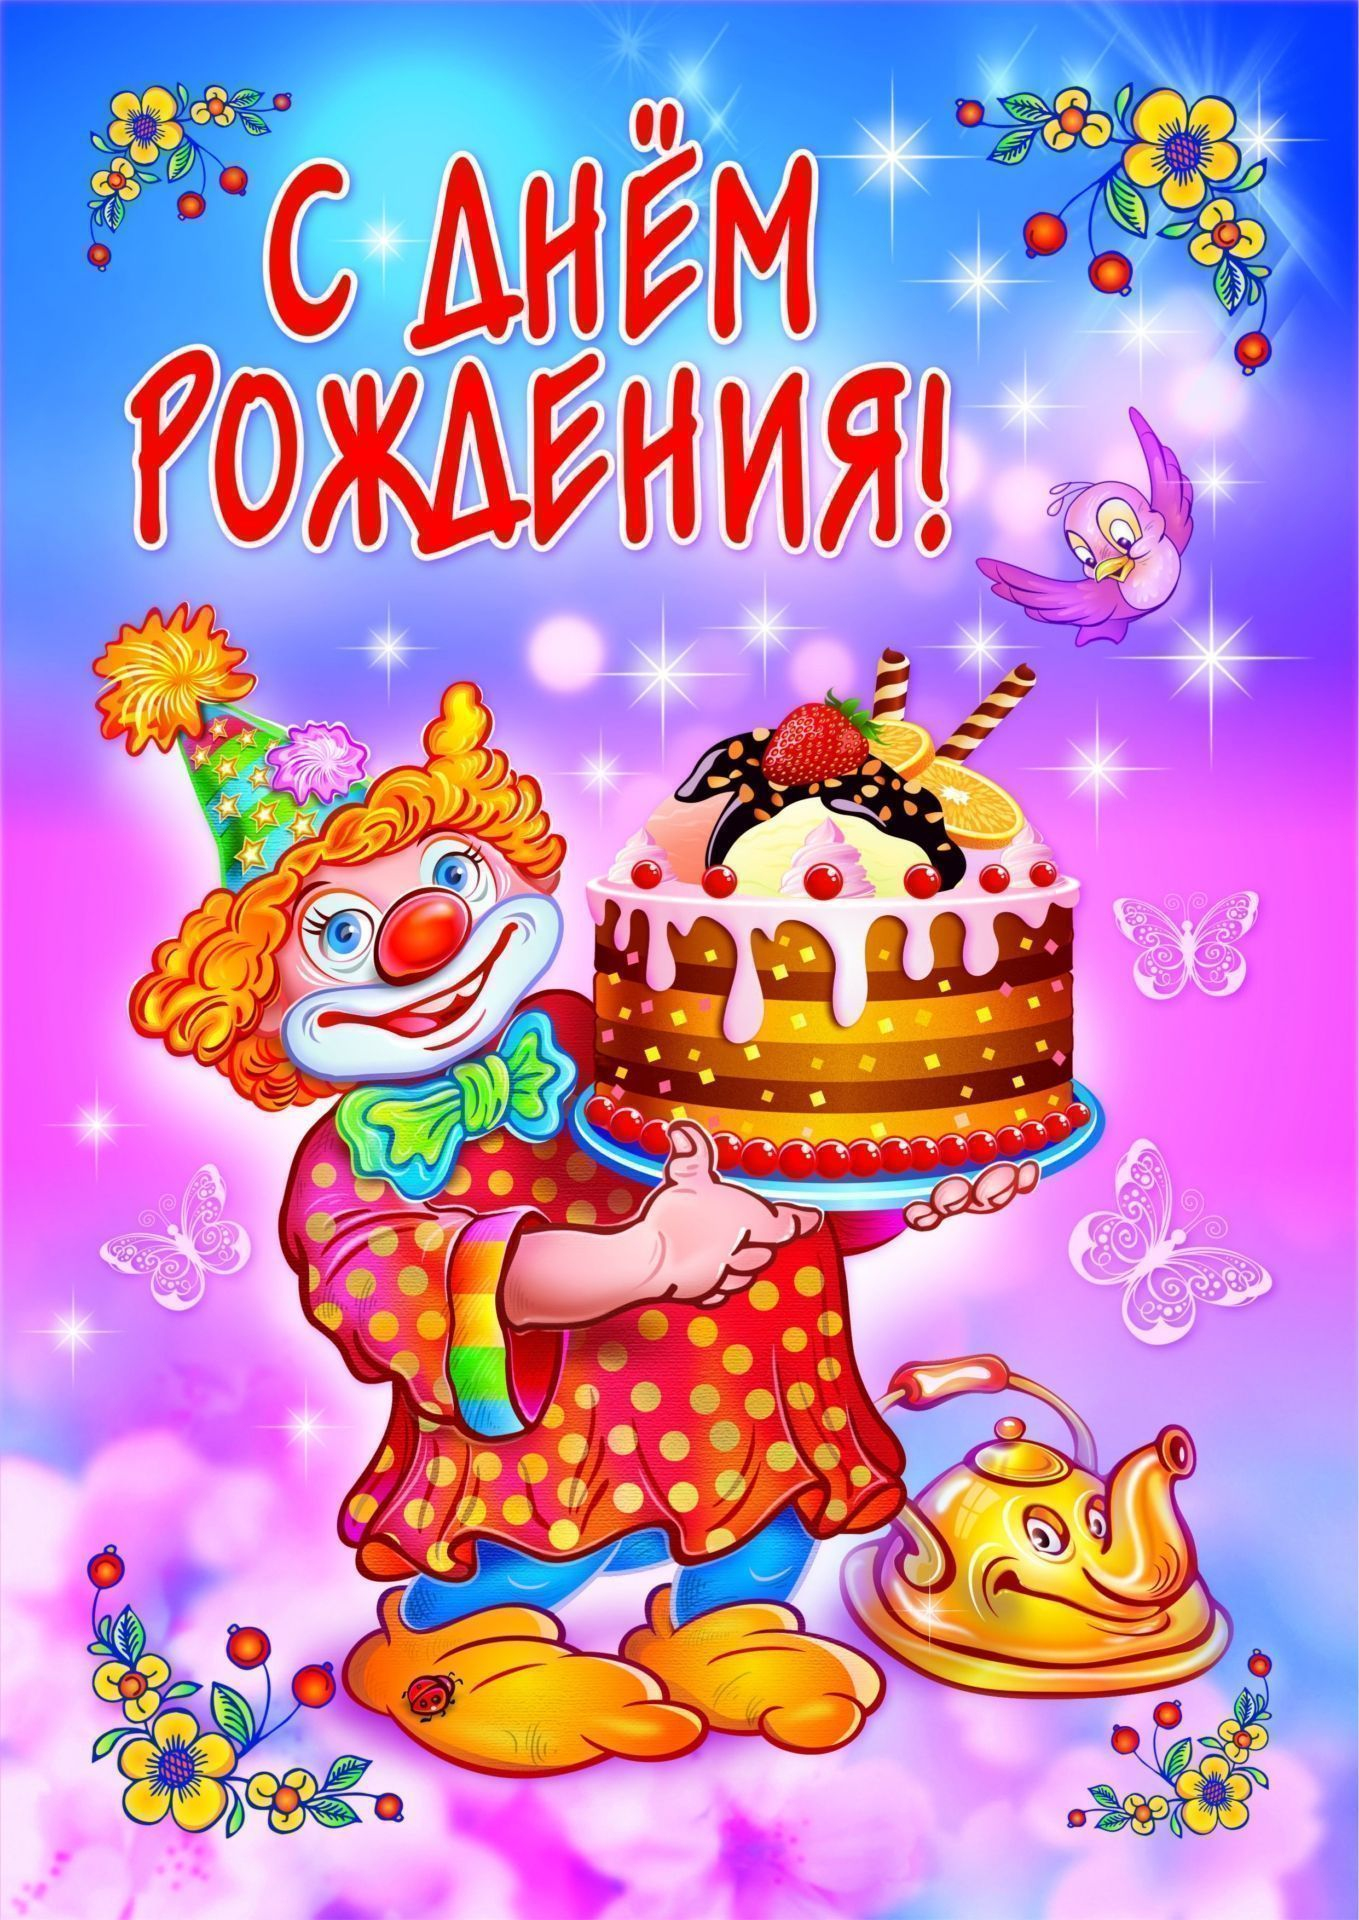 Картинка с днем рождения альфира